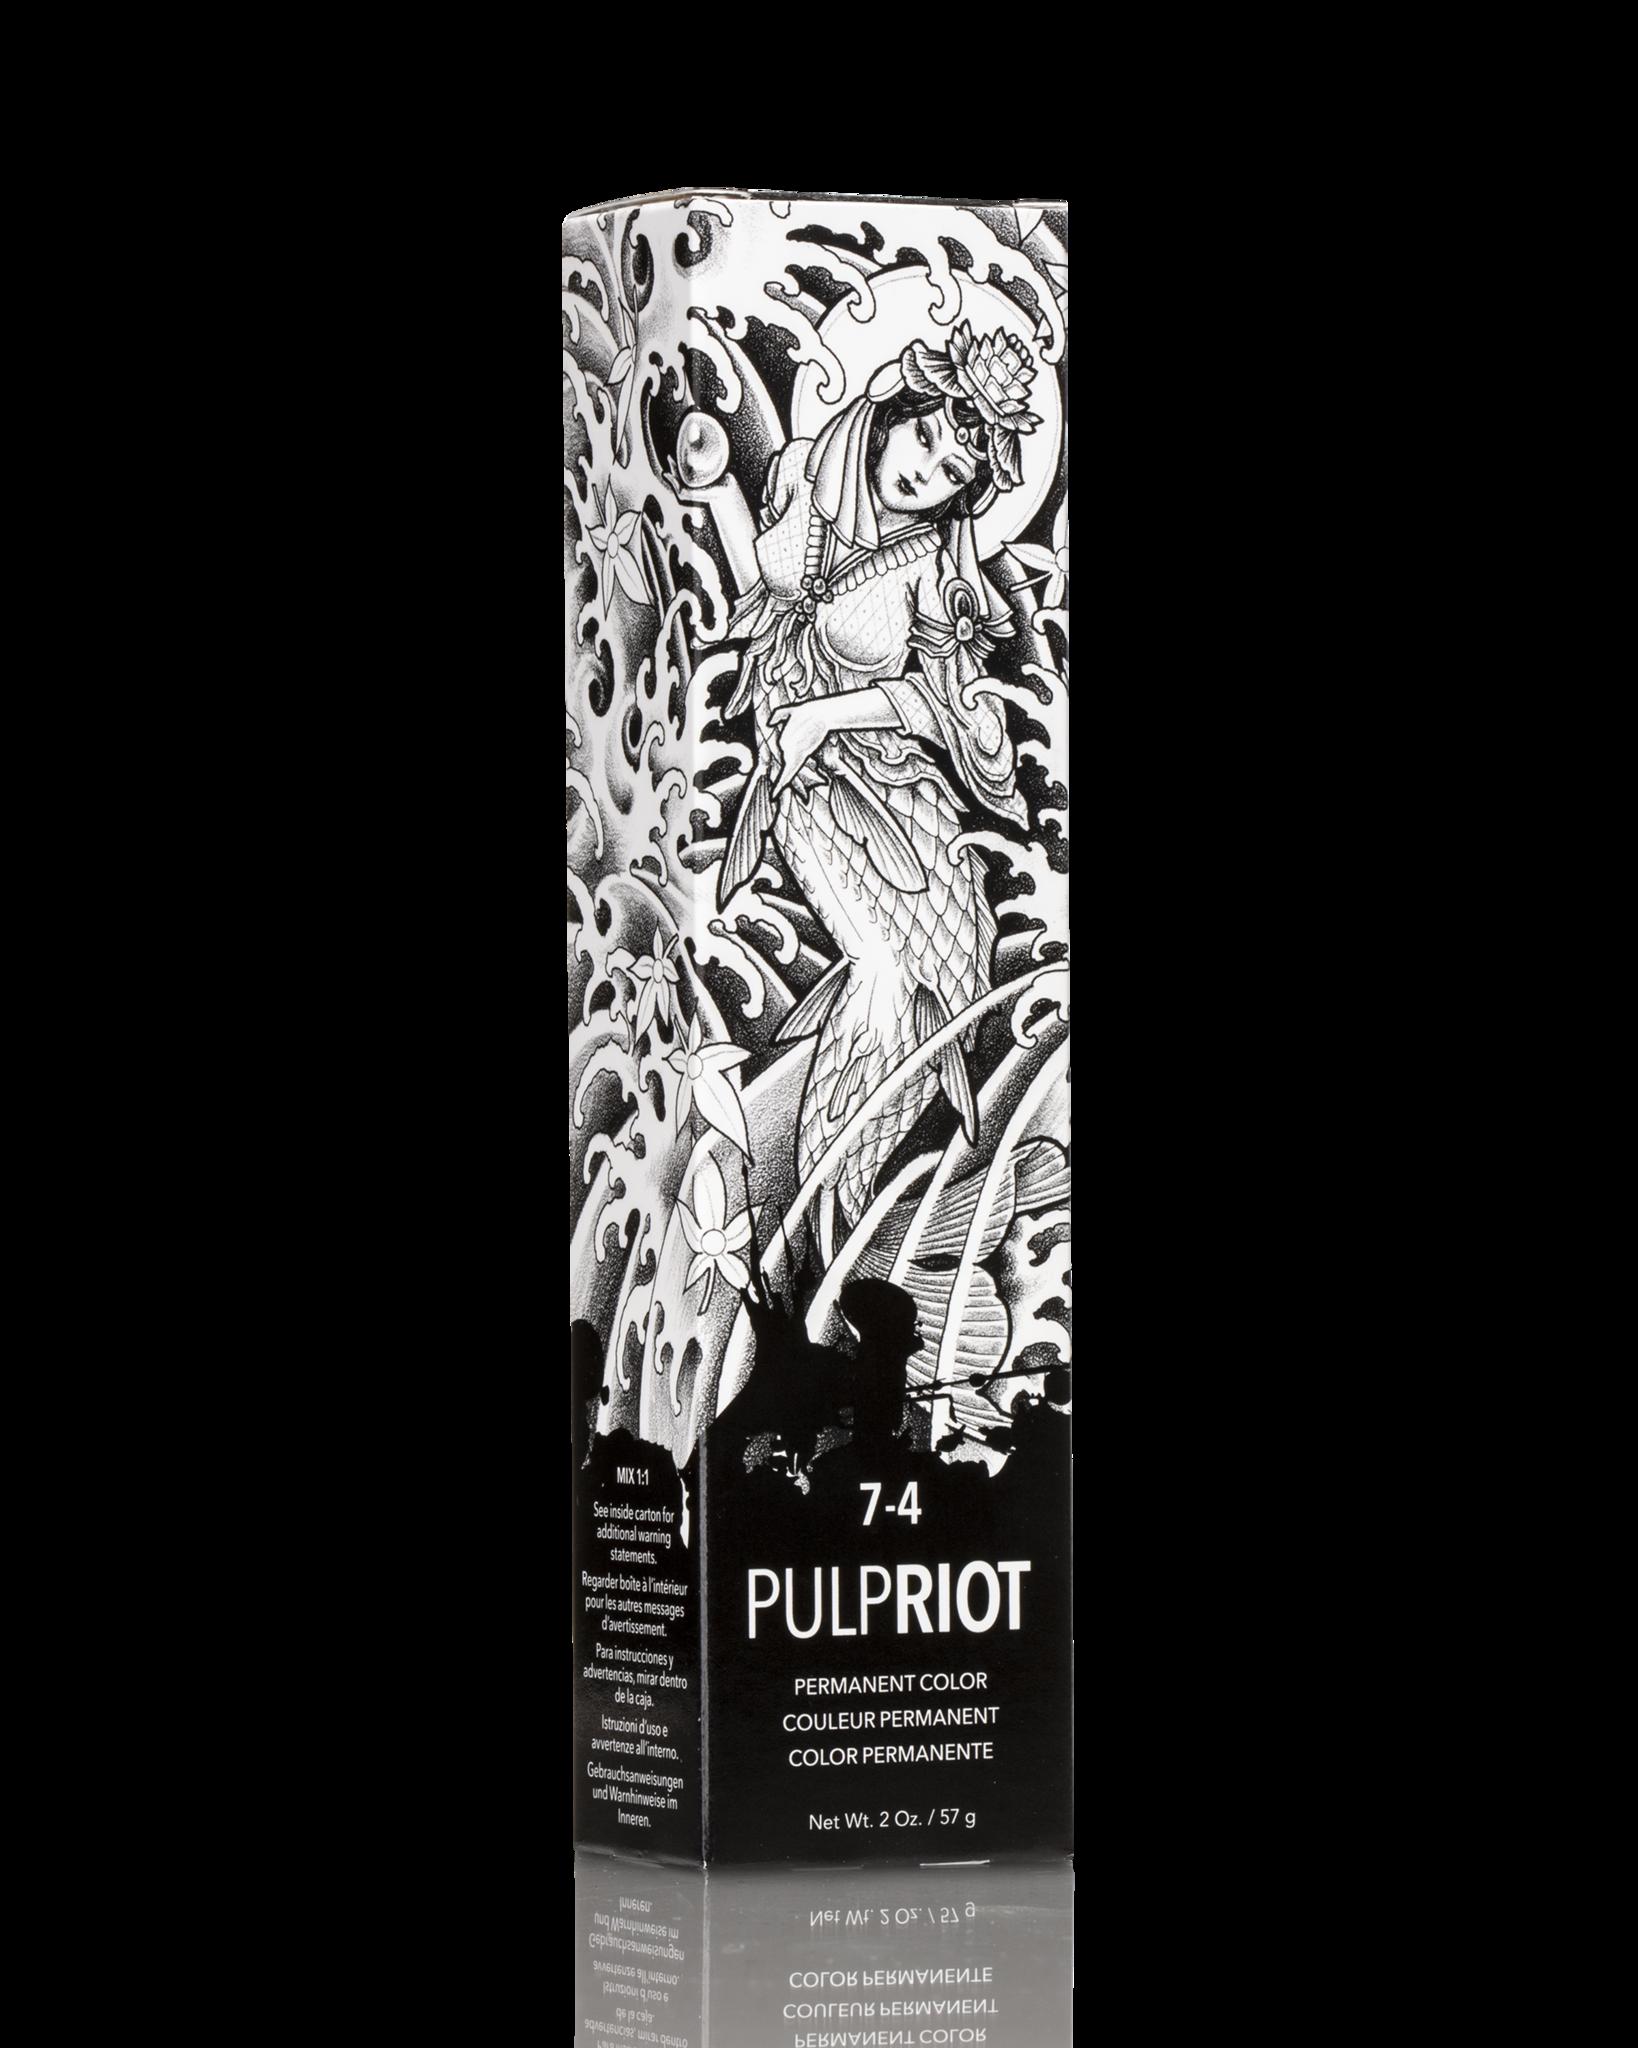 Pulp Riot PULP RIOT FACTION 8 CUIVRÉ/COPPER 7-4